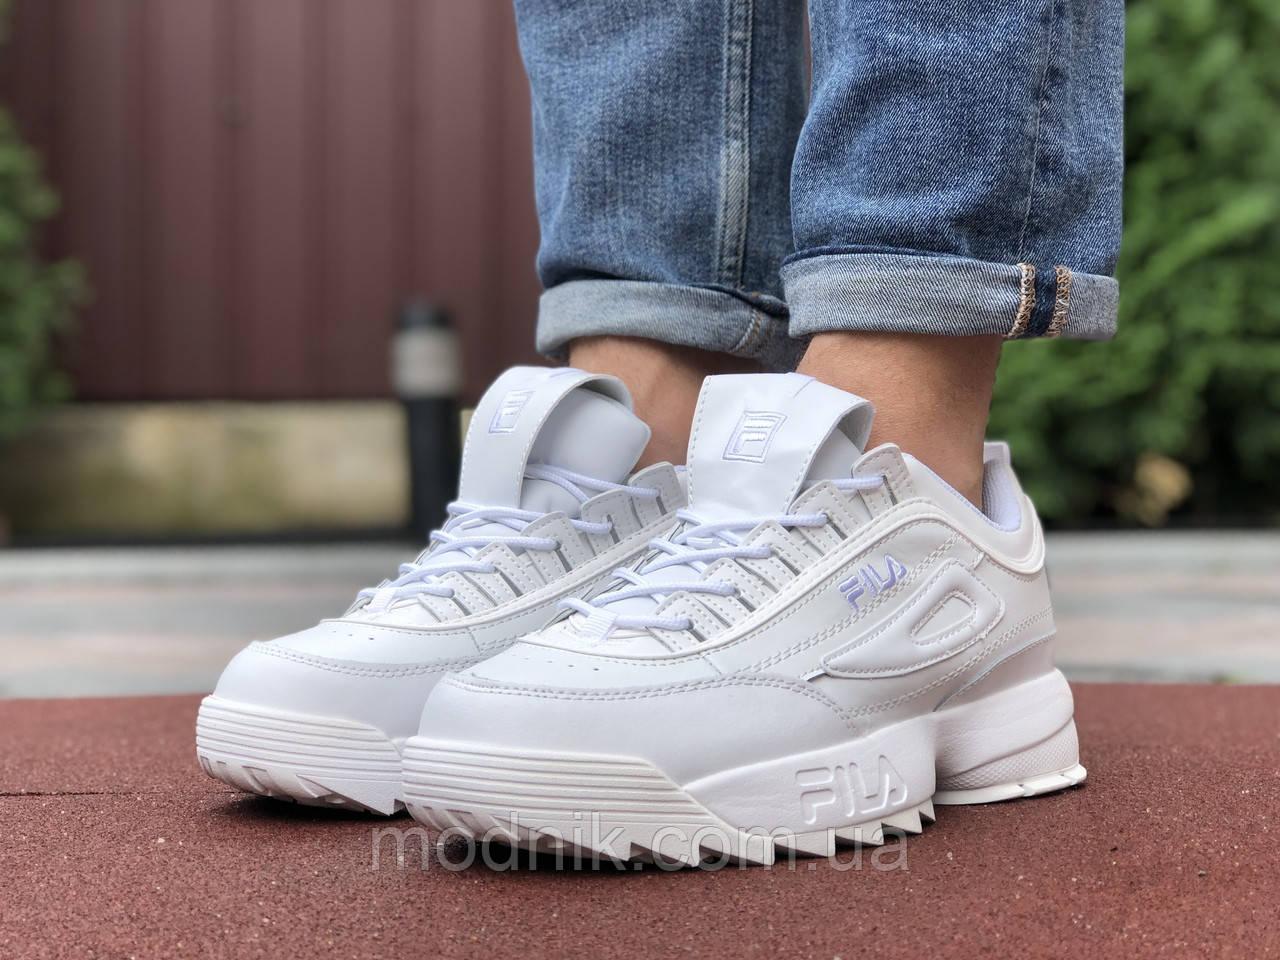 Мужские кроссовки Fila Disruptor 2 (белые) 9840